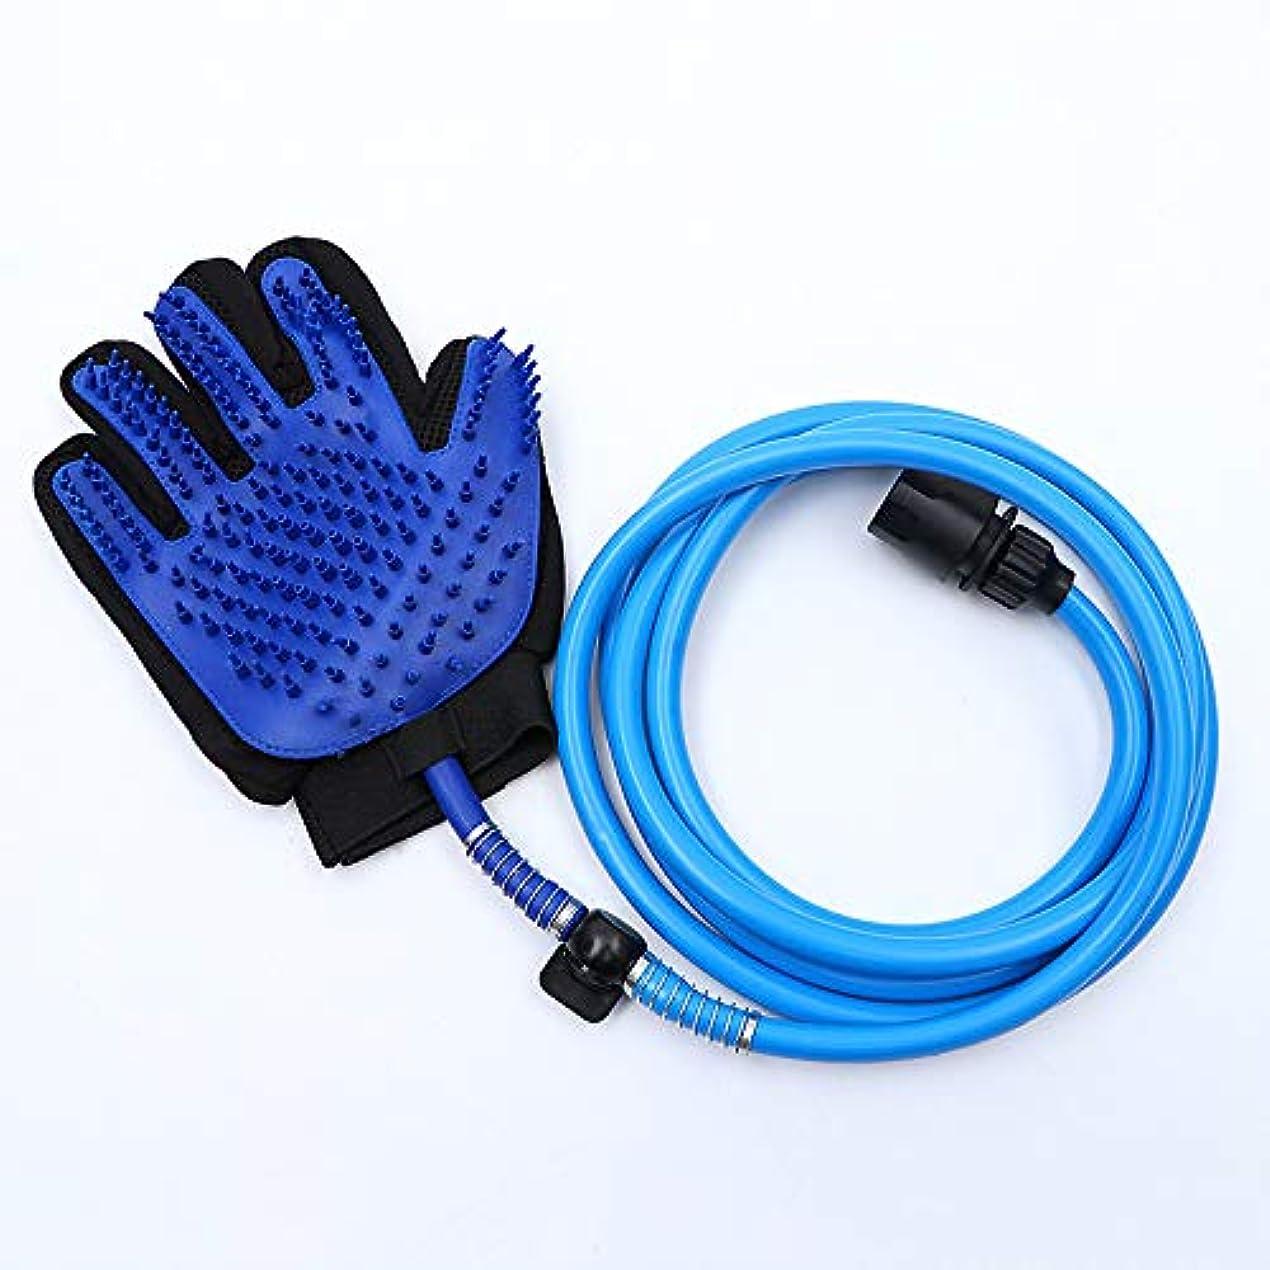 BTXXYJP 手袋 ペット ブラシ グローブ 猫 ブラシ 抜け毛取り クリーナー ブラッシング マッサージブラシ 犬 グローブ ペット毛取りブラシ お手入れ (Color : Blue, Size : L)